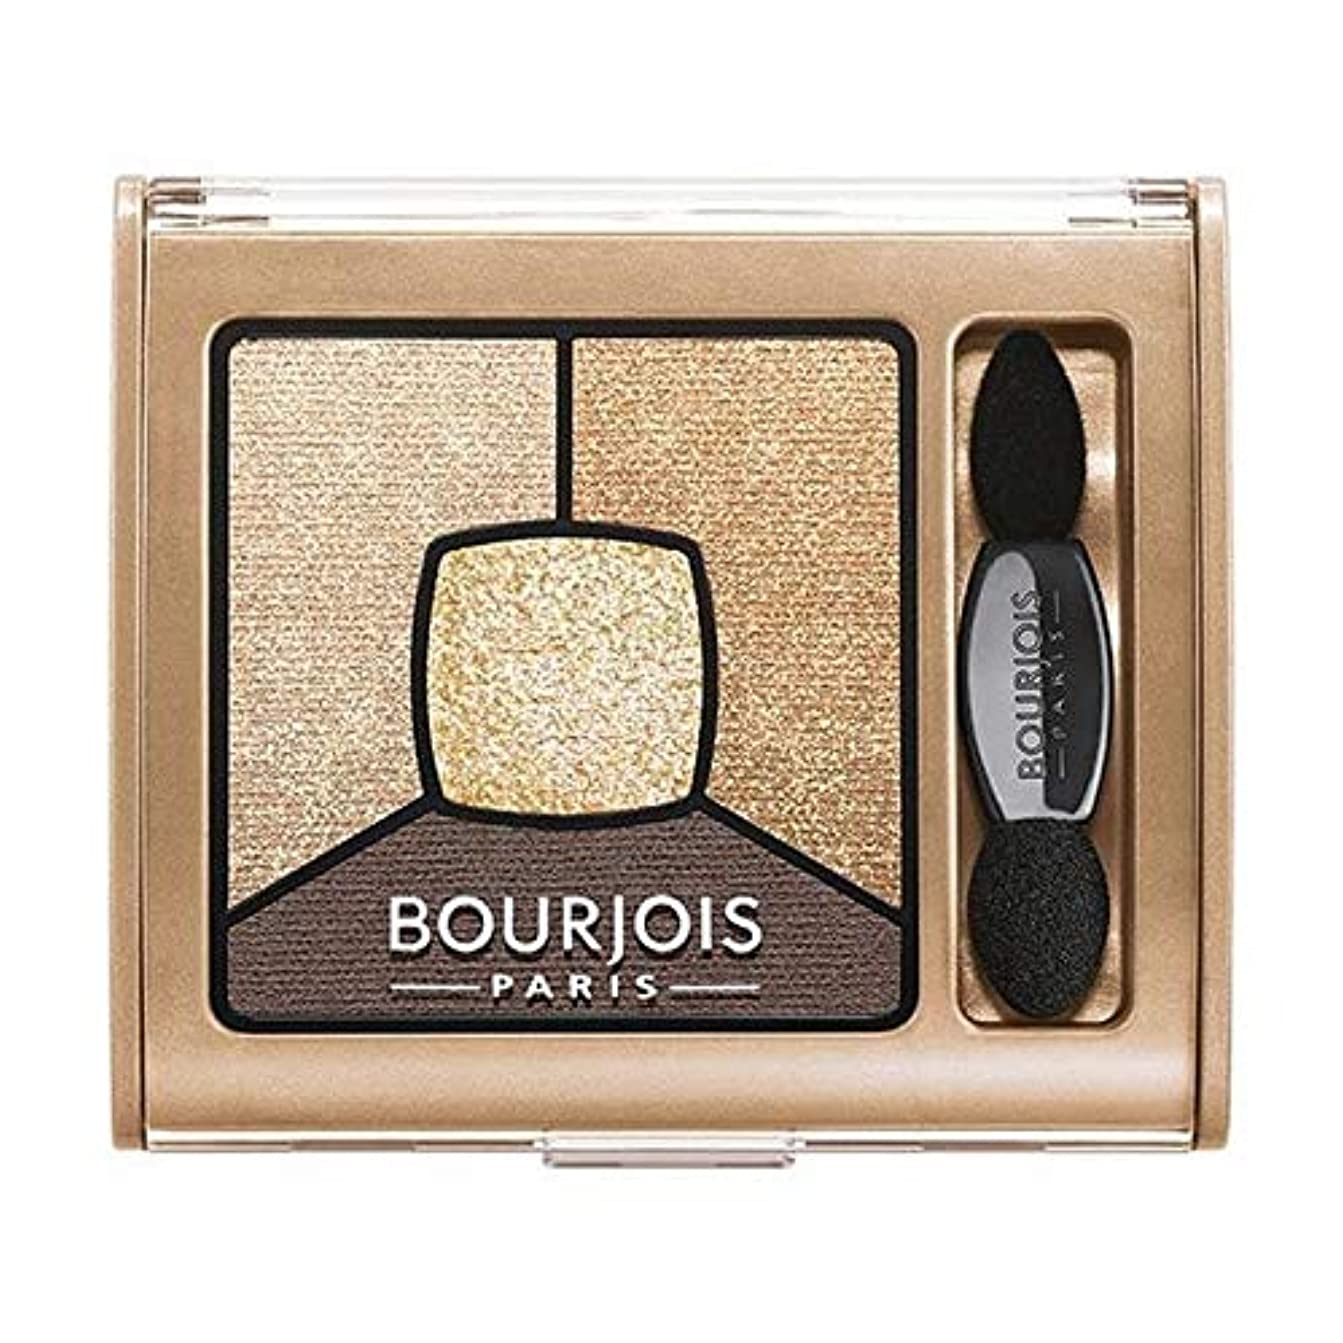 プロペラデータム例[Bourjois ] ブルジョワスモーキー話クワッドアイシャドウ - ゴールド版 - Bourjois Smoky Stories Quad Eyeshadow - Gold Edition [並行輸入品]